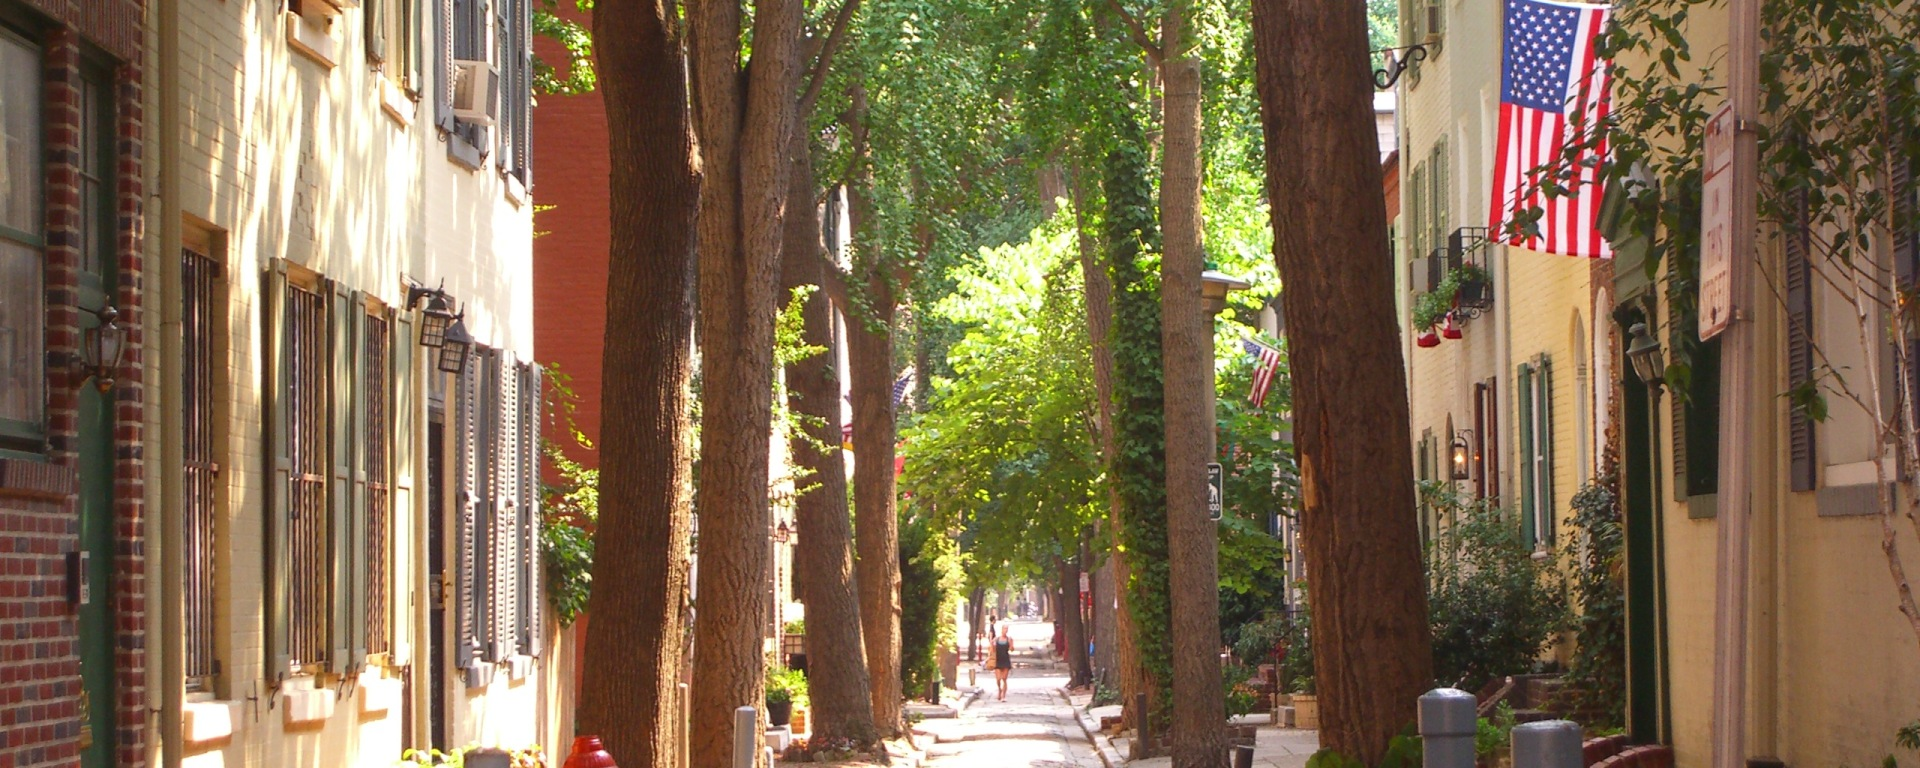 Viajar brasileiros pennsylvania dicas filadelfia